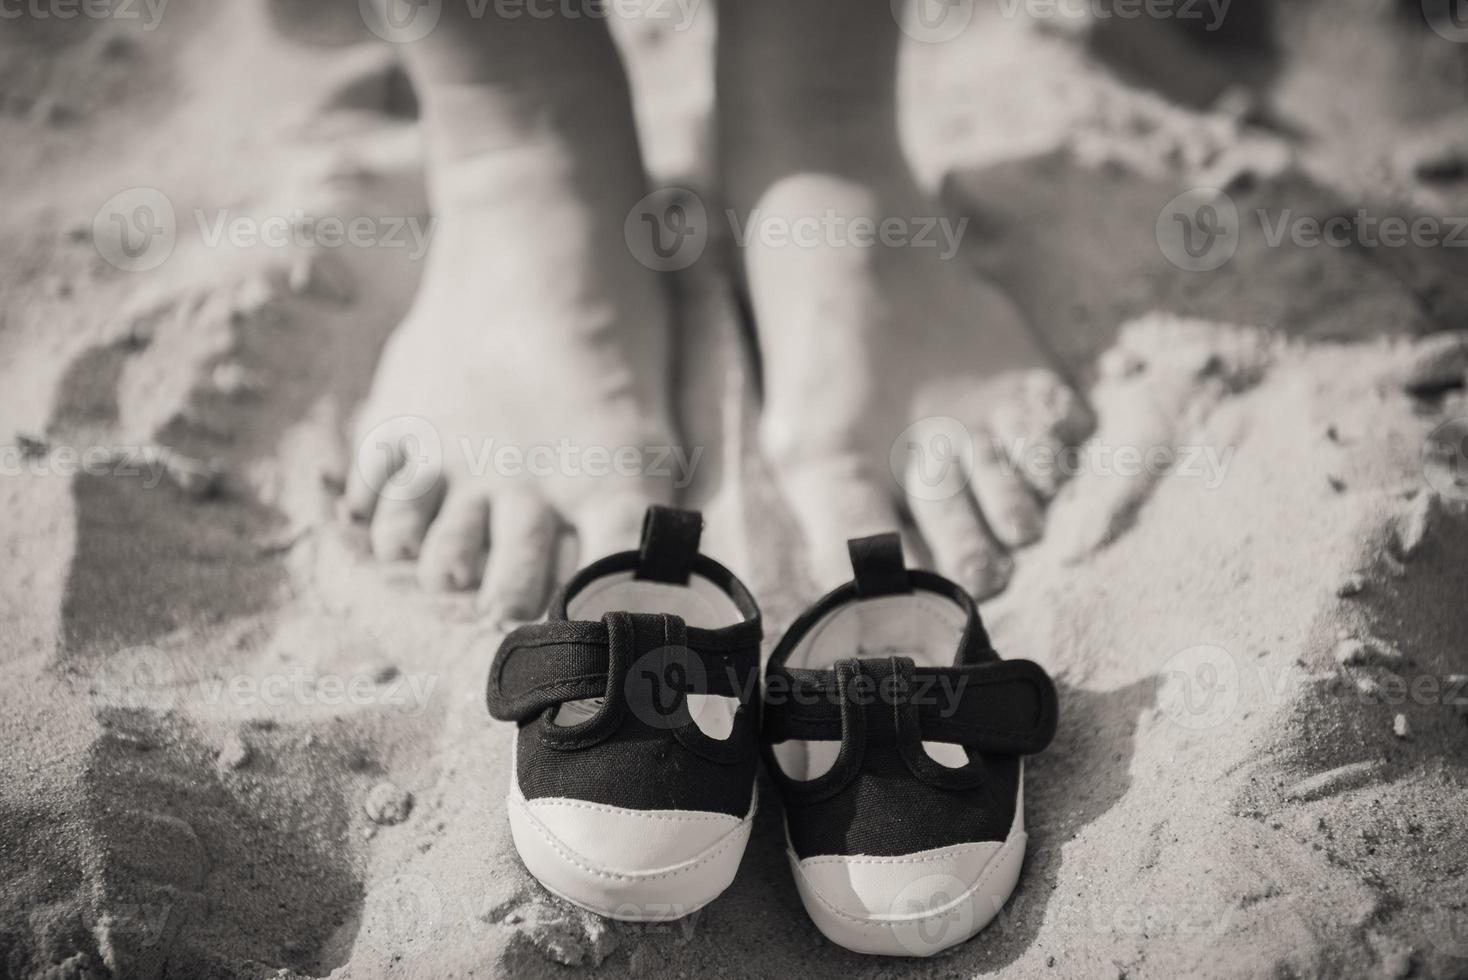 scarpe per bambini e piedi di mamma. foto